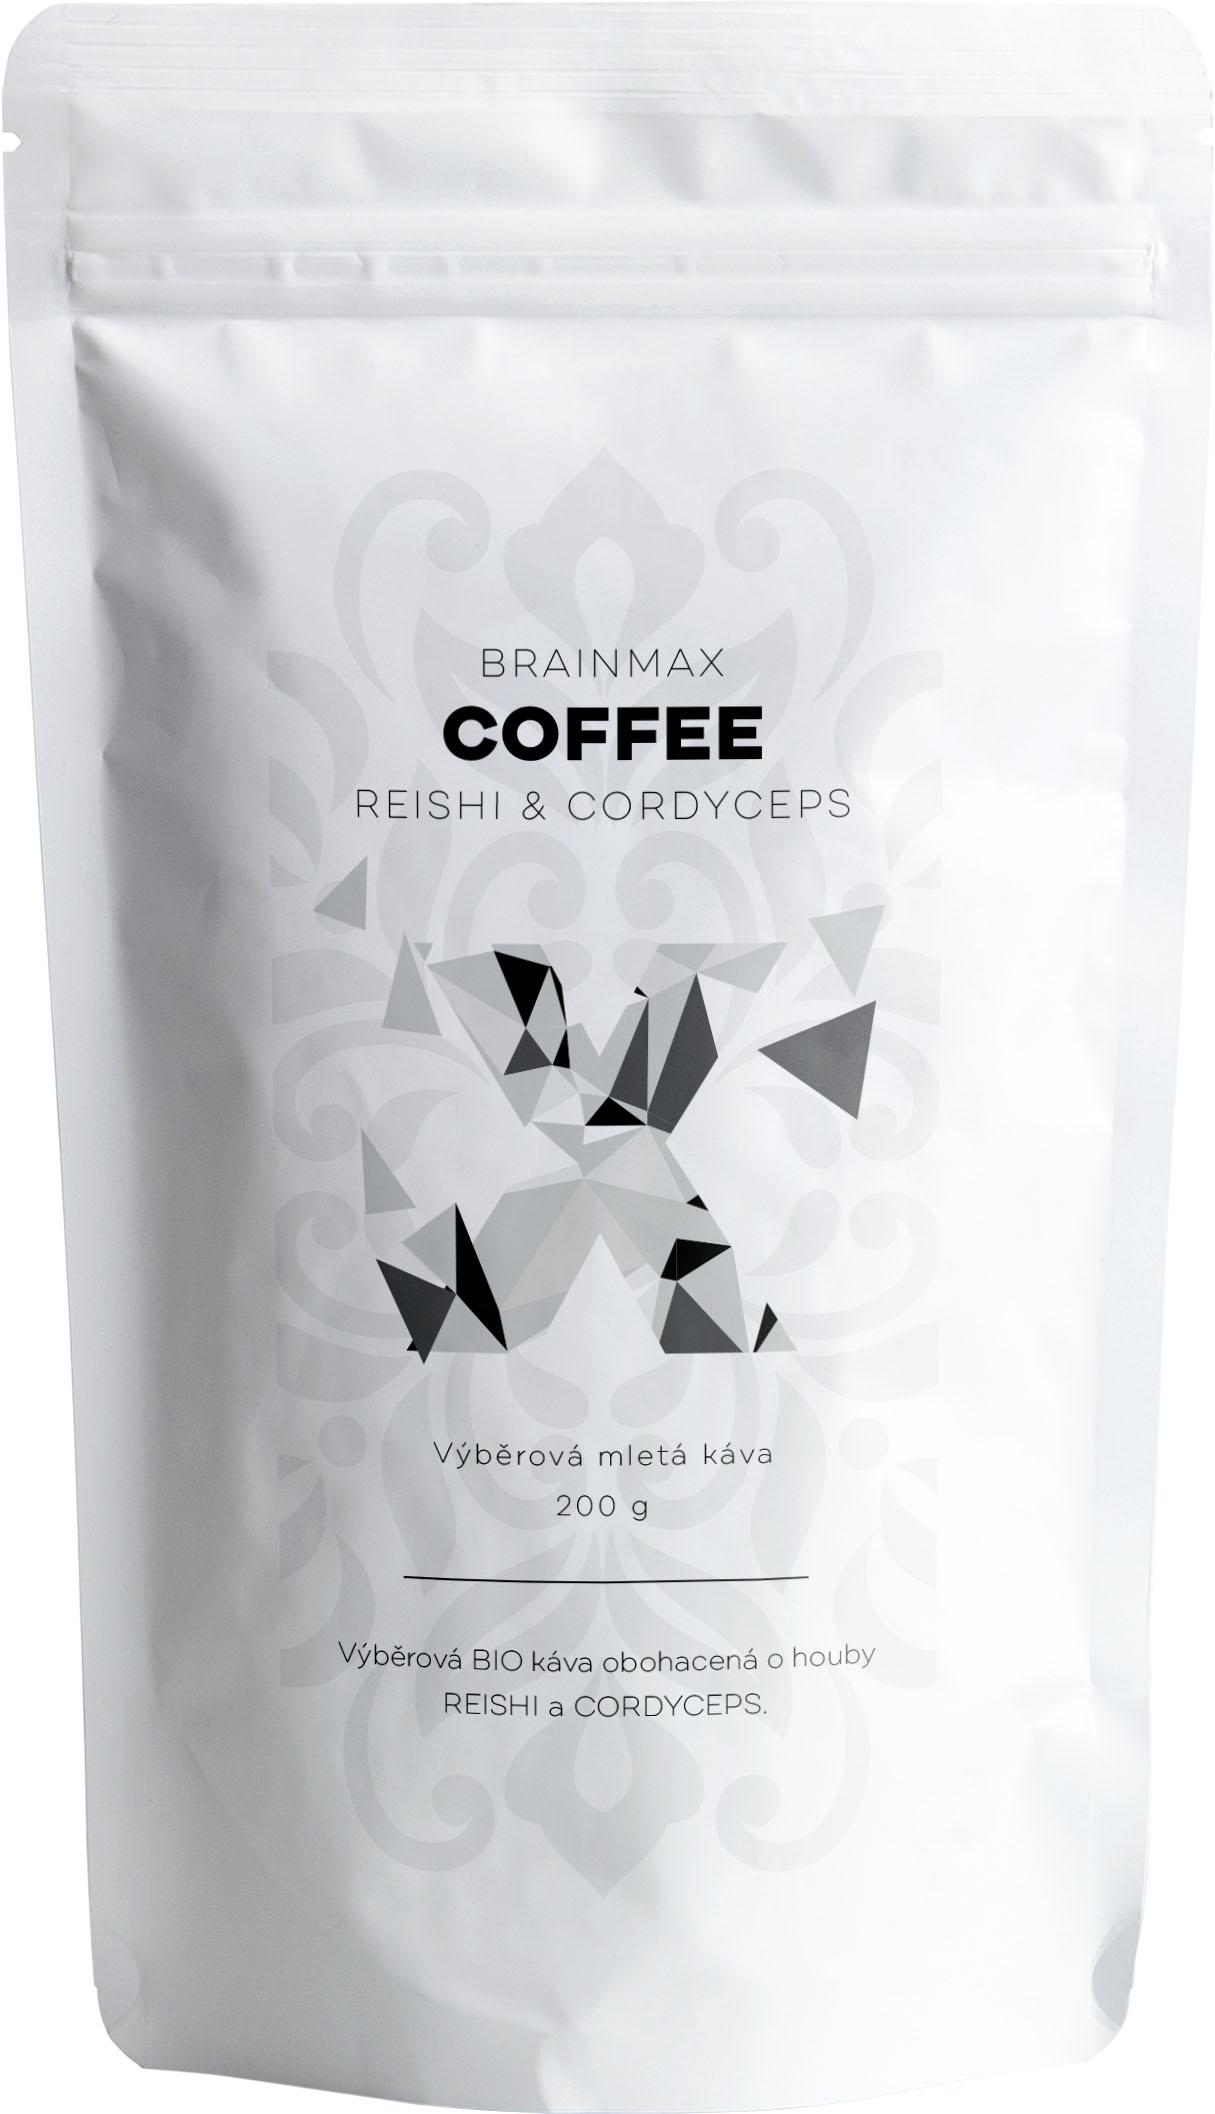 BrainMax Coffee - BIO káva s medicinálnymi hubami - Reishi & Cordyceps, 200g *CZ-BIO-001 certifikát